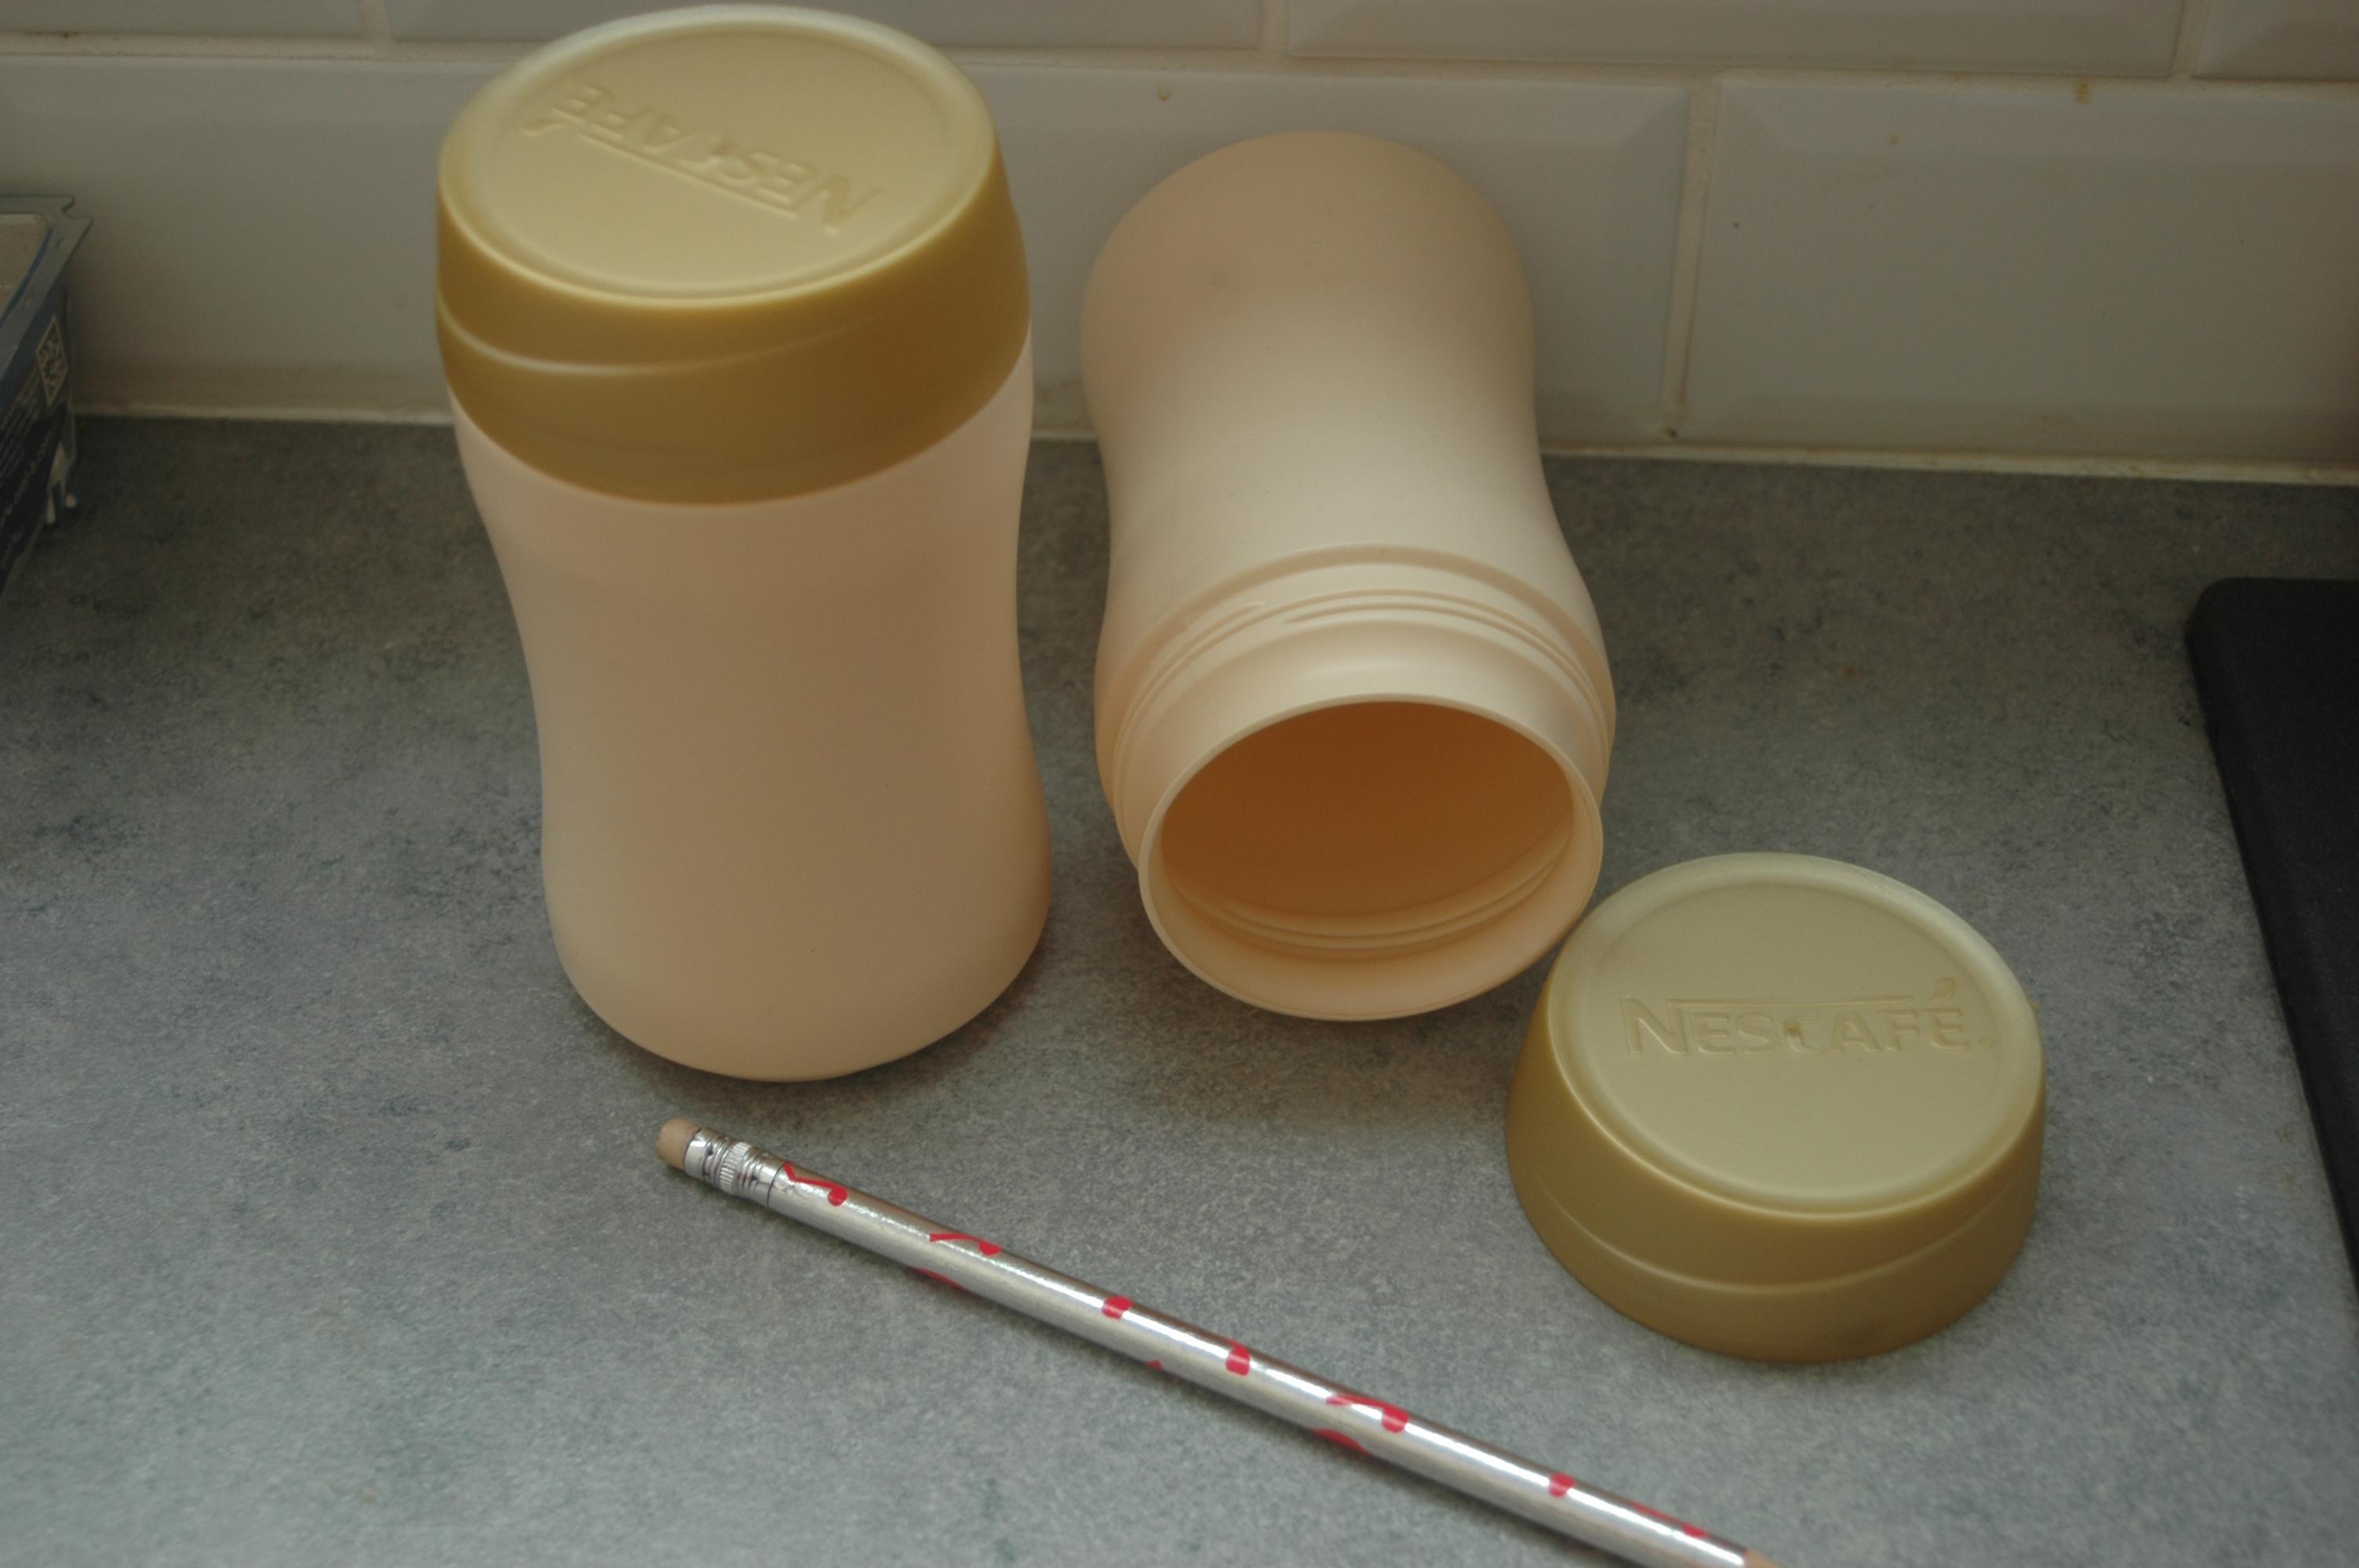 troc de troc boites plastique couvercle à vis image 0